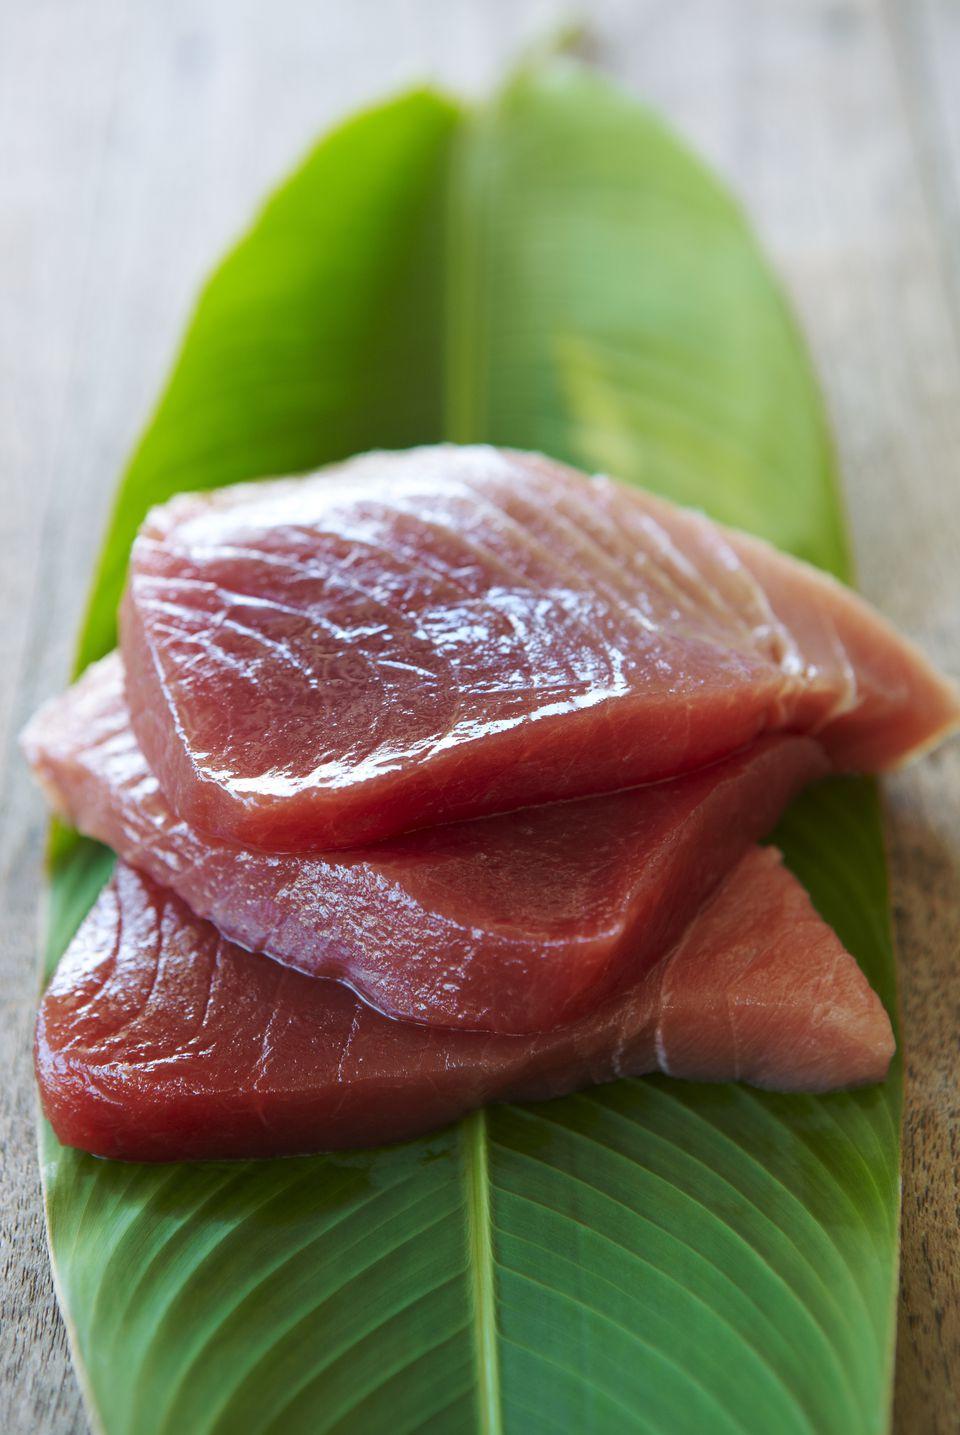 Hawaii, Fresh Sliced Ahi (Tuna) Fish Sashimi On Banana Leaf.